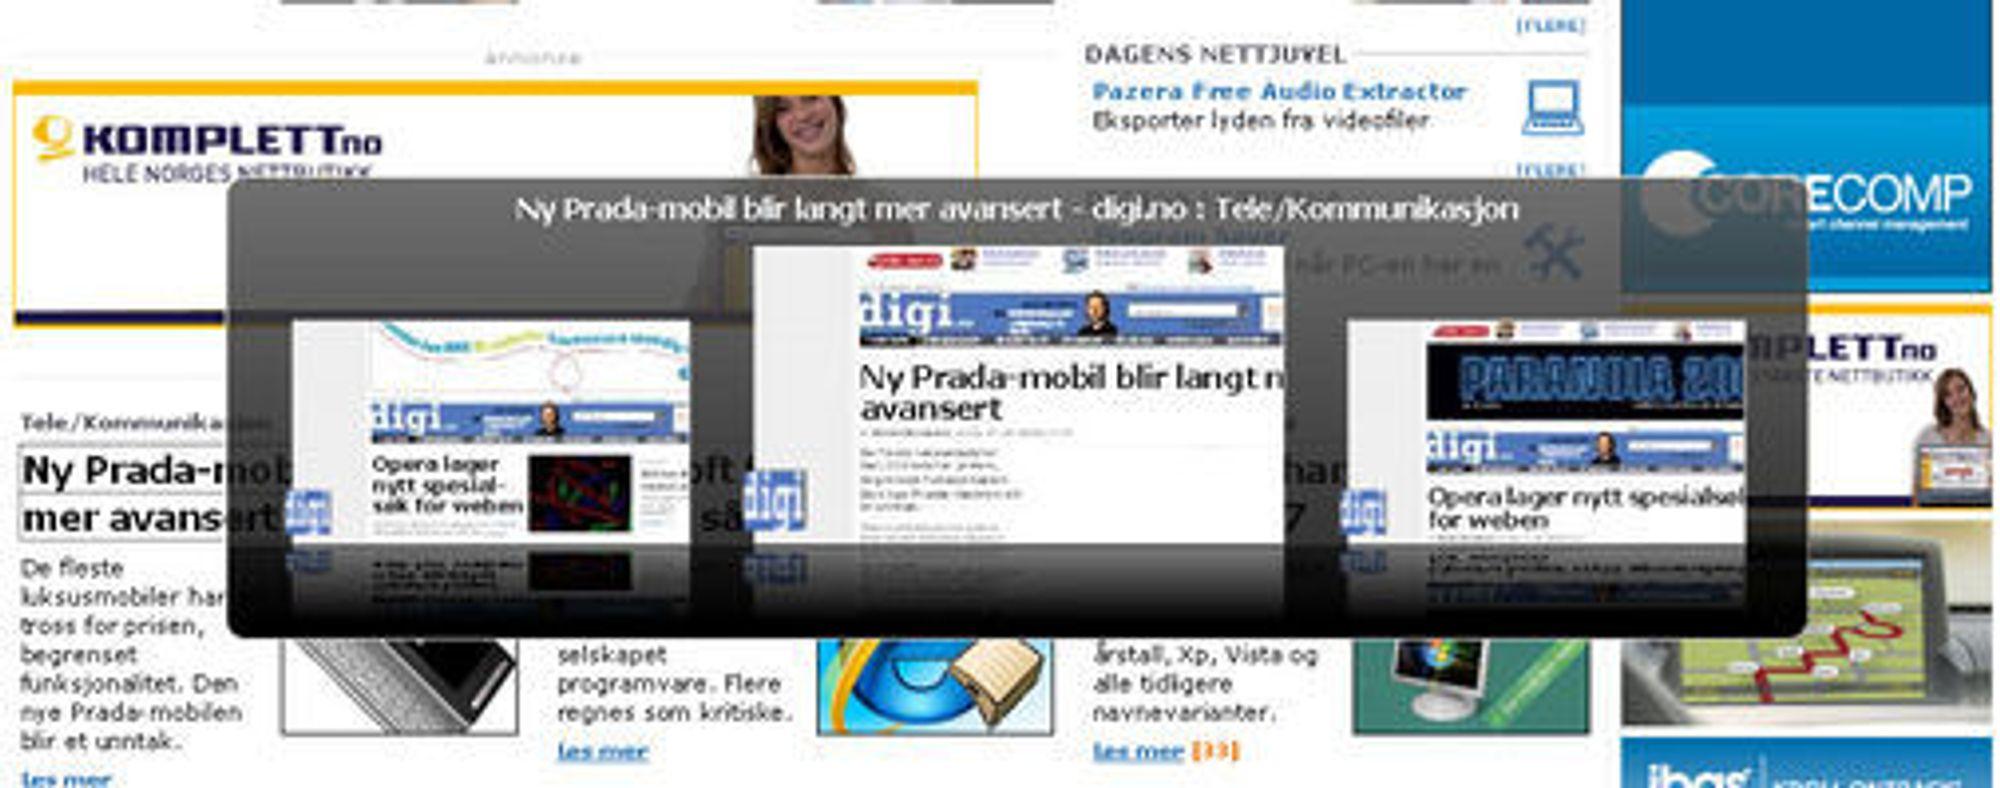 Firefox 3.1 beta 1: Forhåndsvisning av faner.